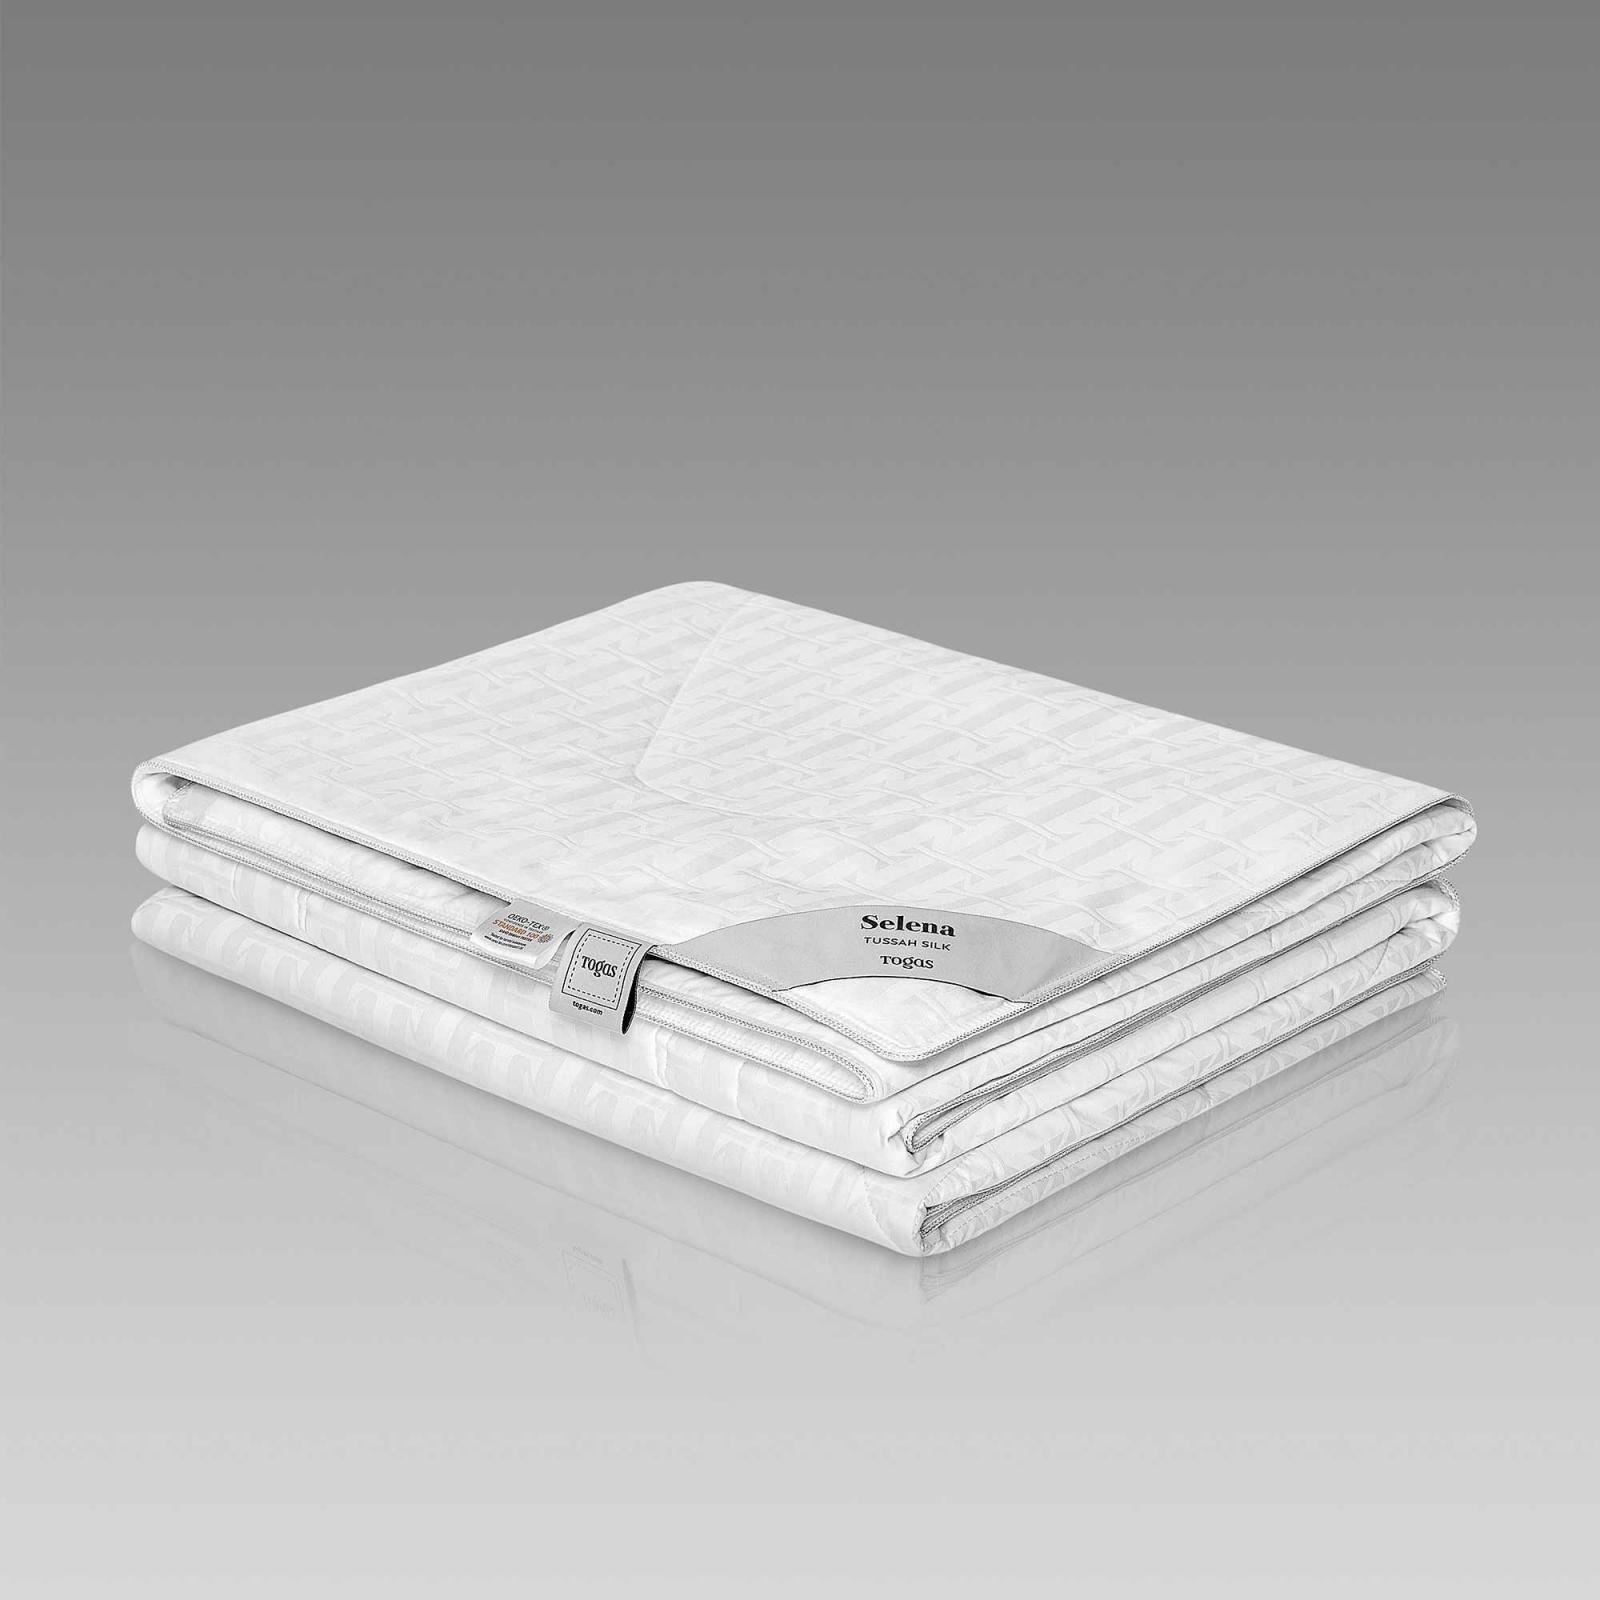 Одеяло Togas Селена 260х240